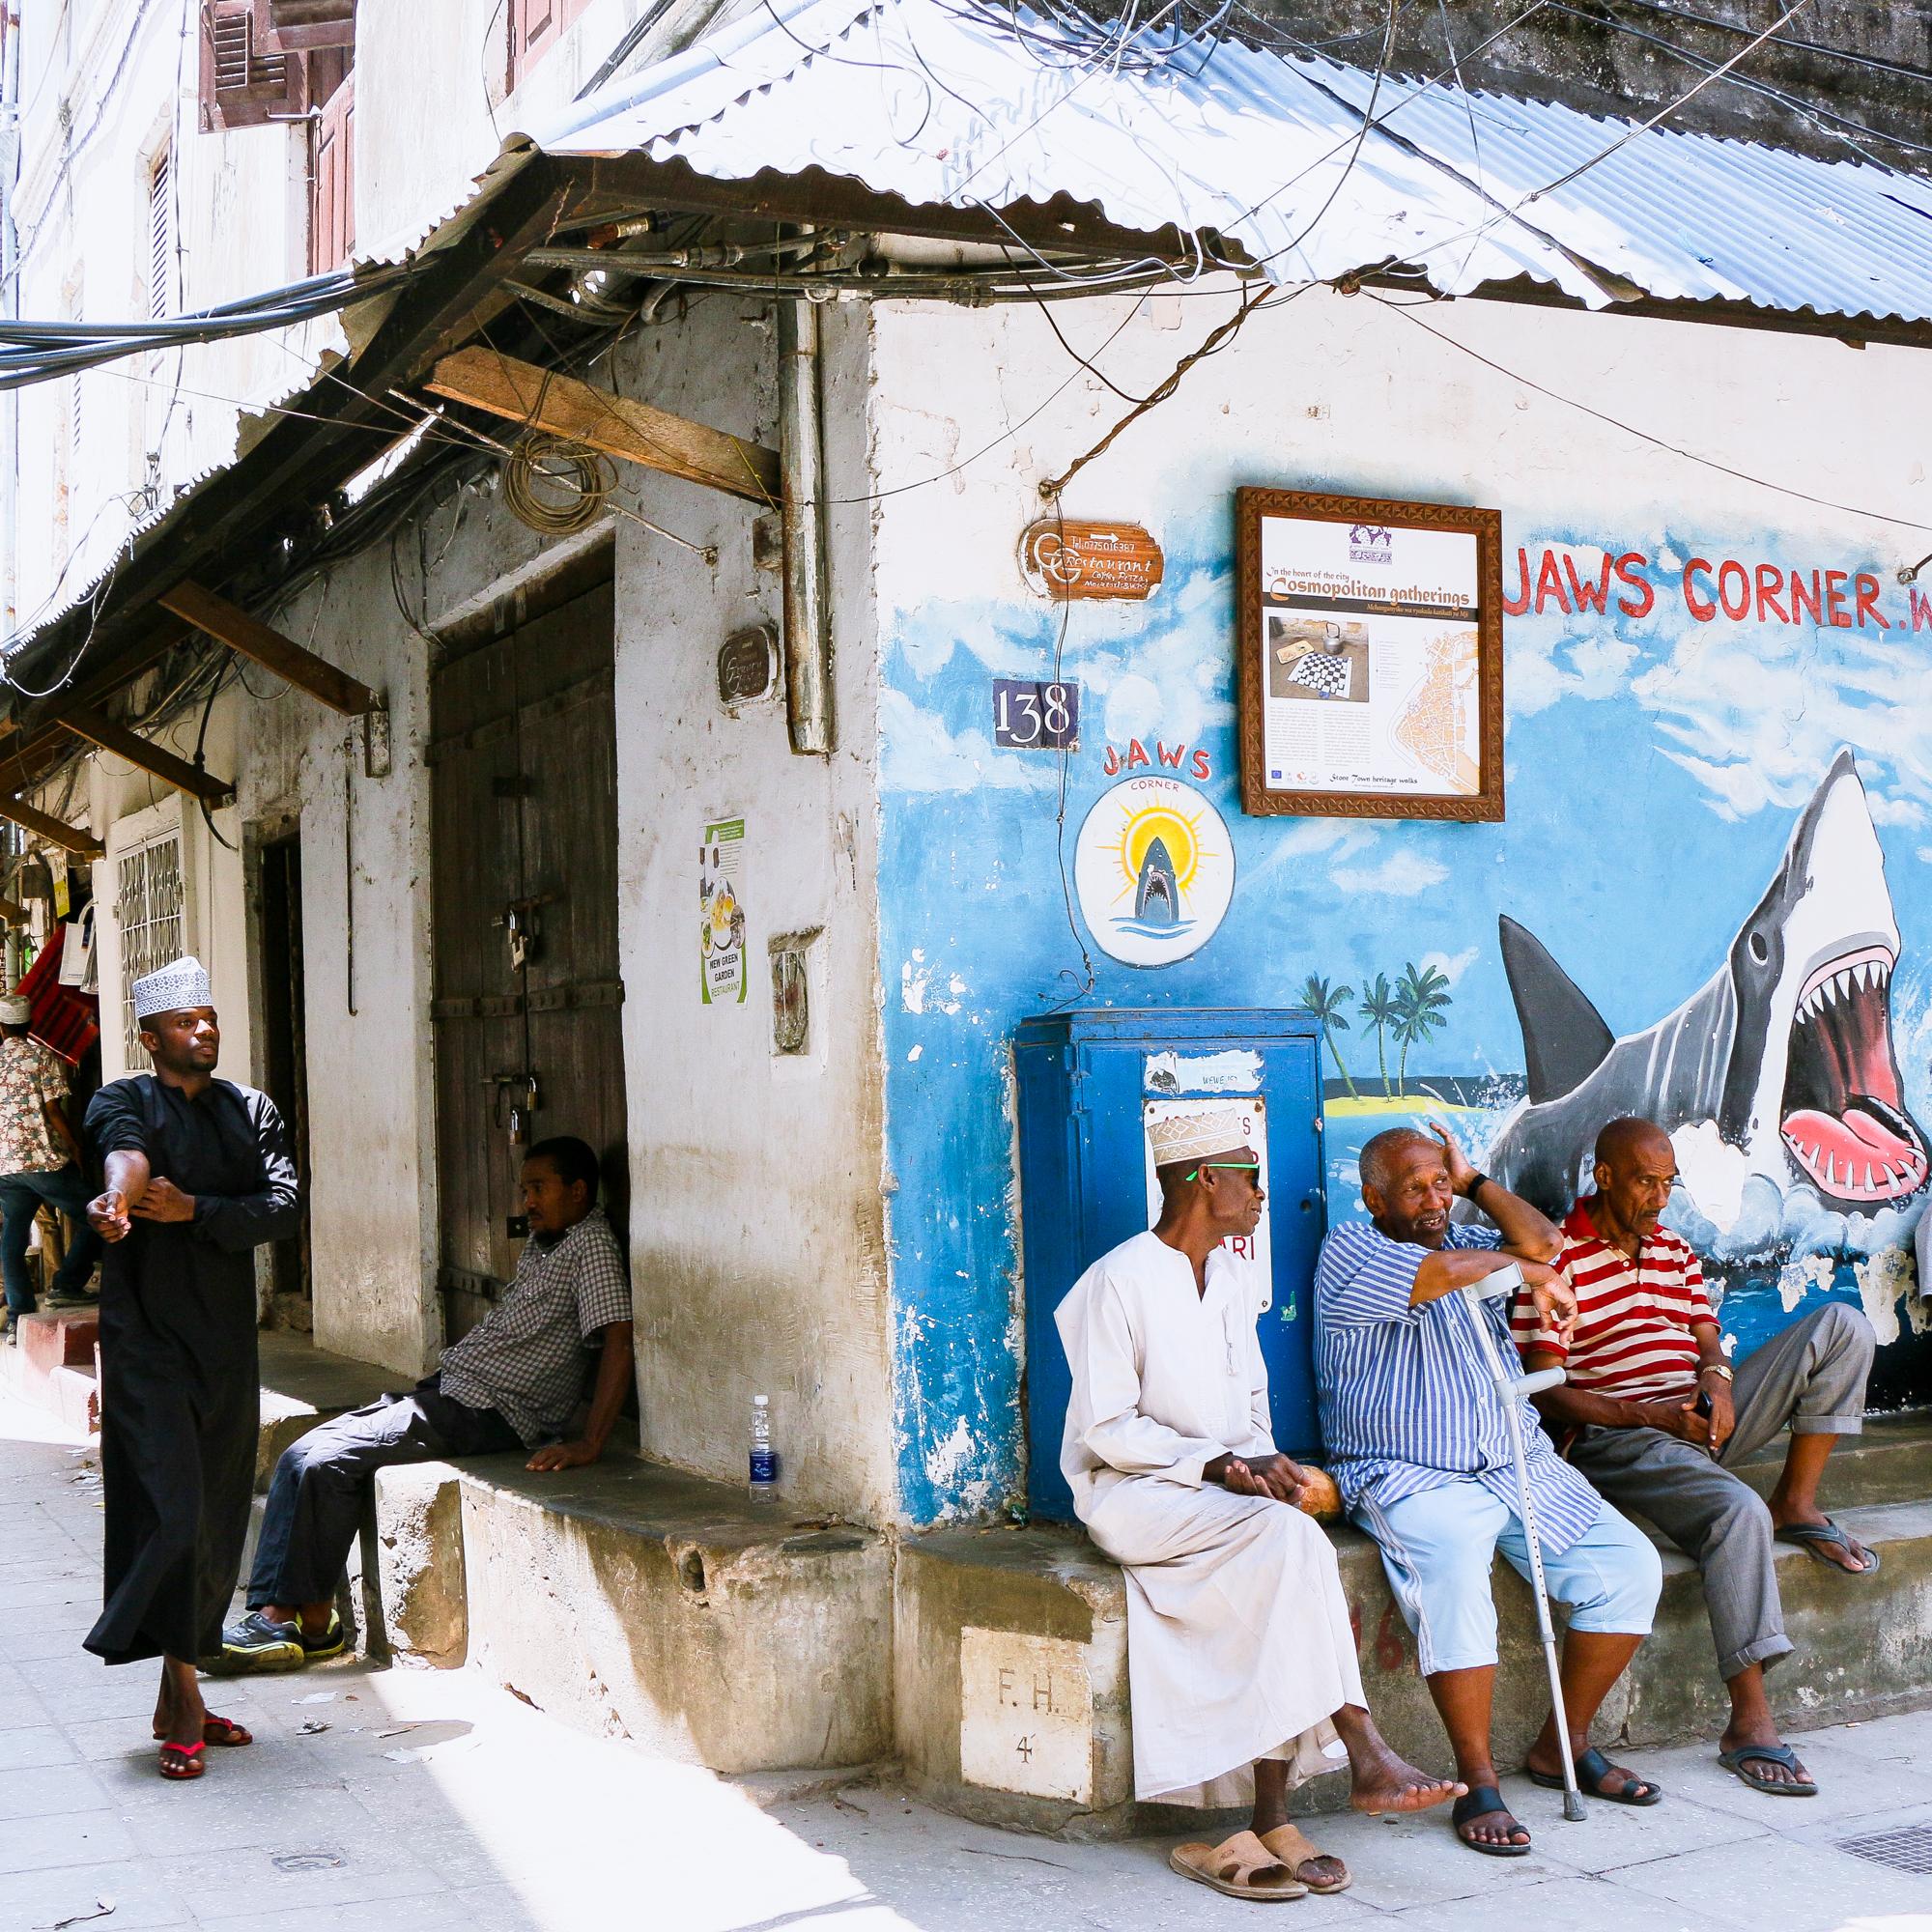 Jaws Corner Stone Town Zanzibar